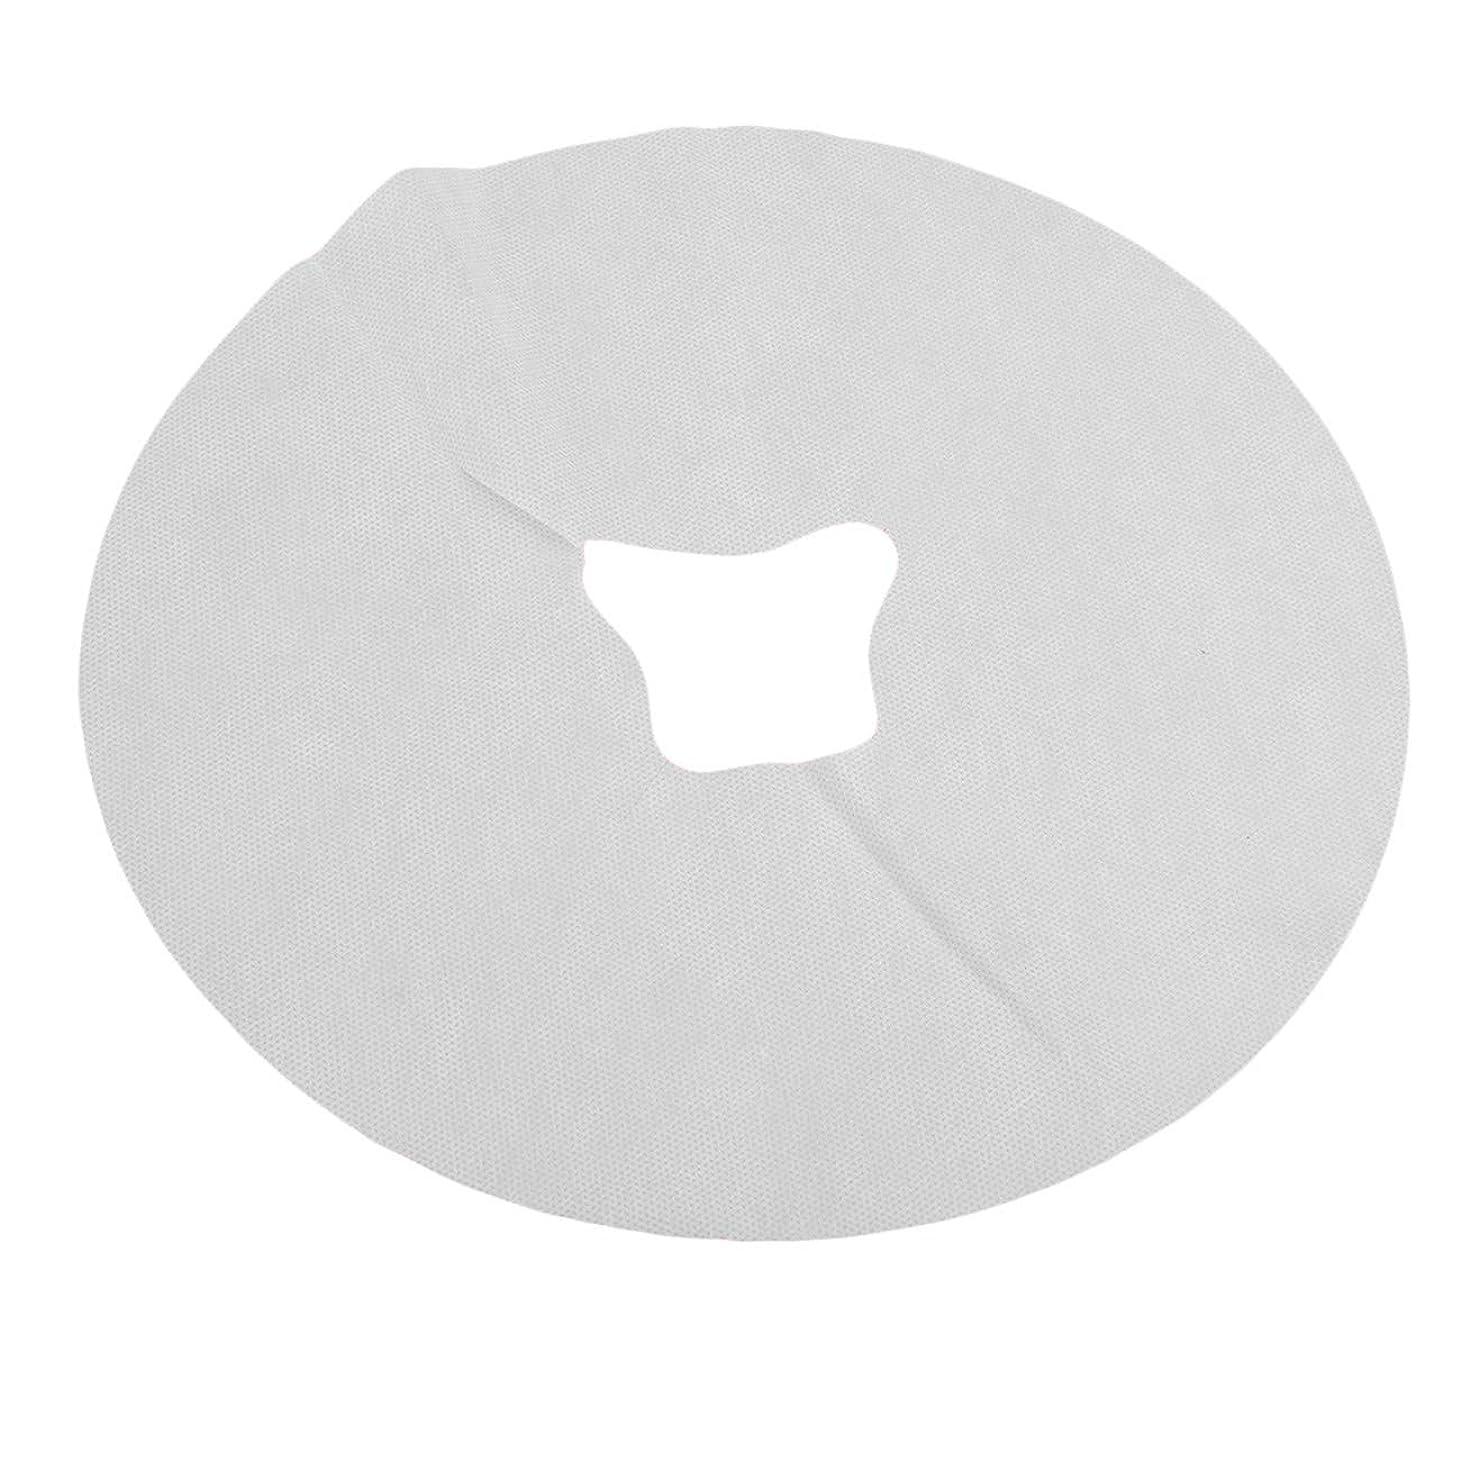 彼らのもの錫マリンBigsweety ホワイト使い捨てヘッドレストカバー不織布フェイスマッサージシートパッドスパ枕クッションマット美容ツール